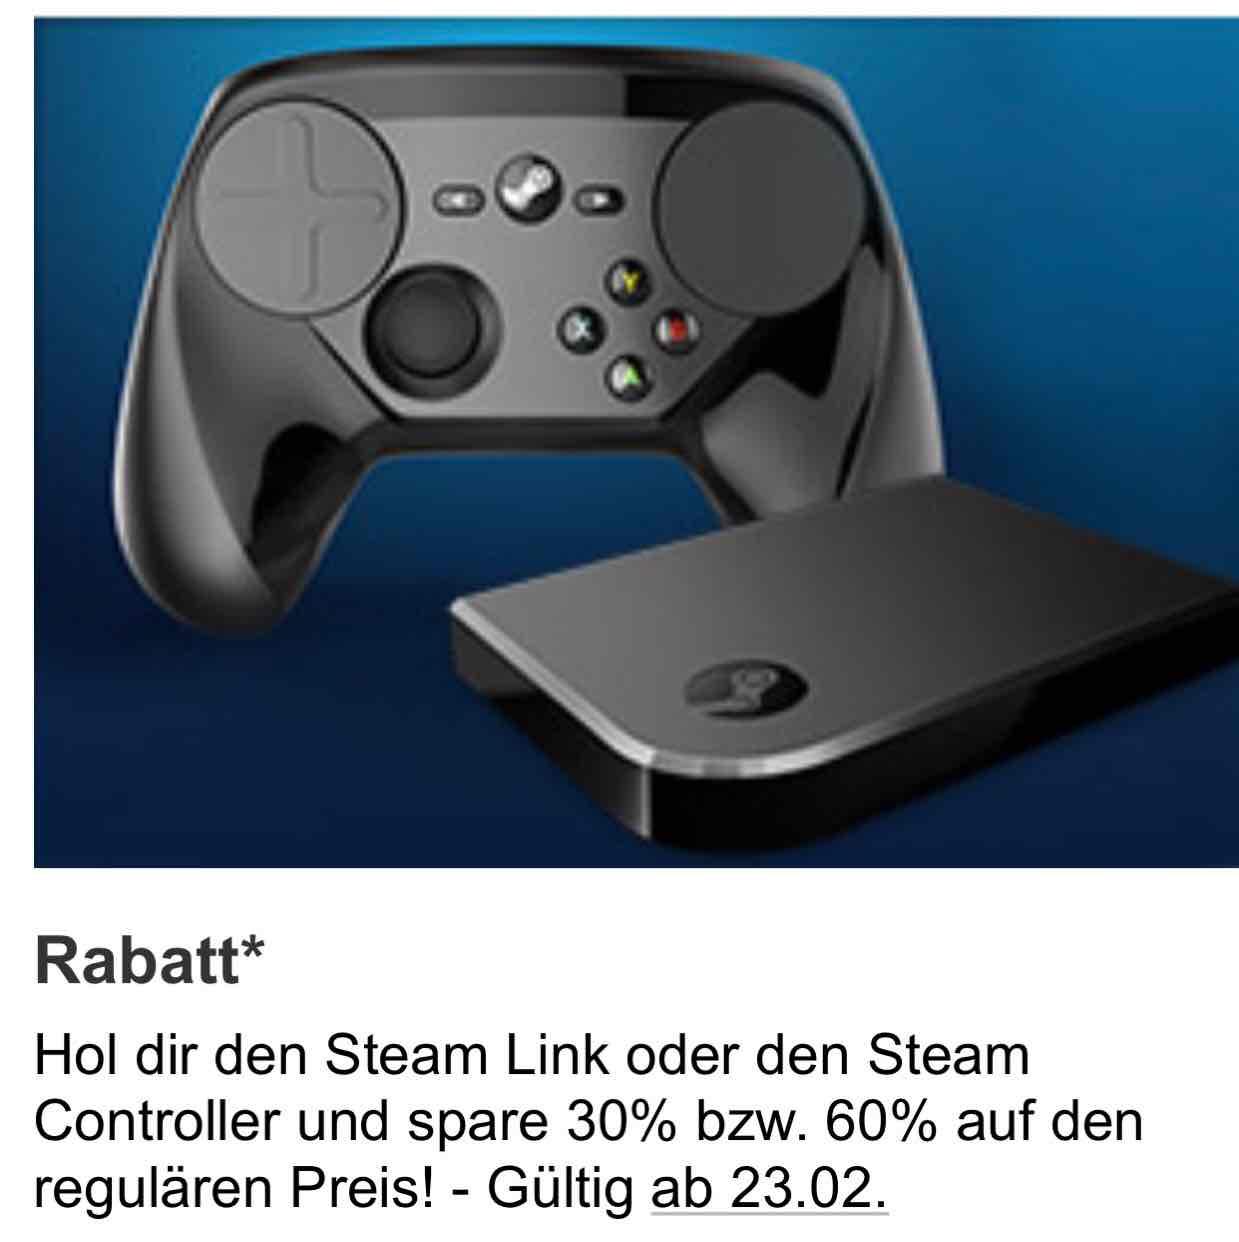 Gamestop ab 23.02 Steam Link für 24€ & Steam Controller für 41,99€ bei Filiale Abholung